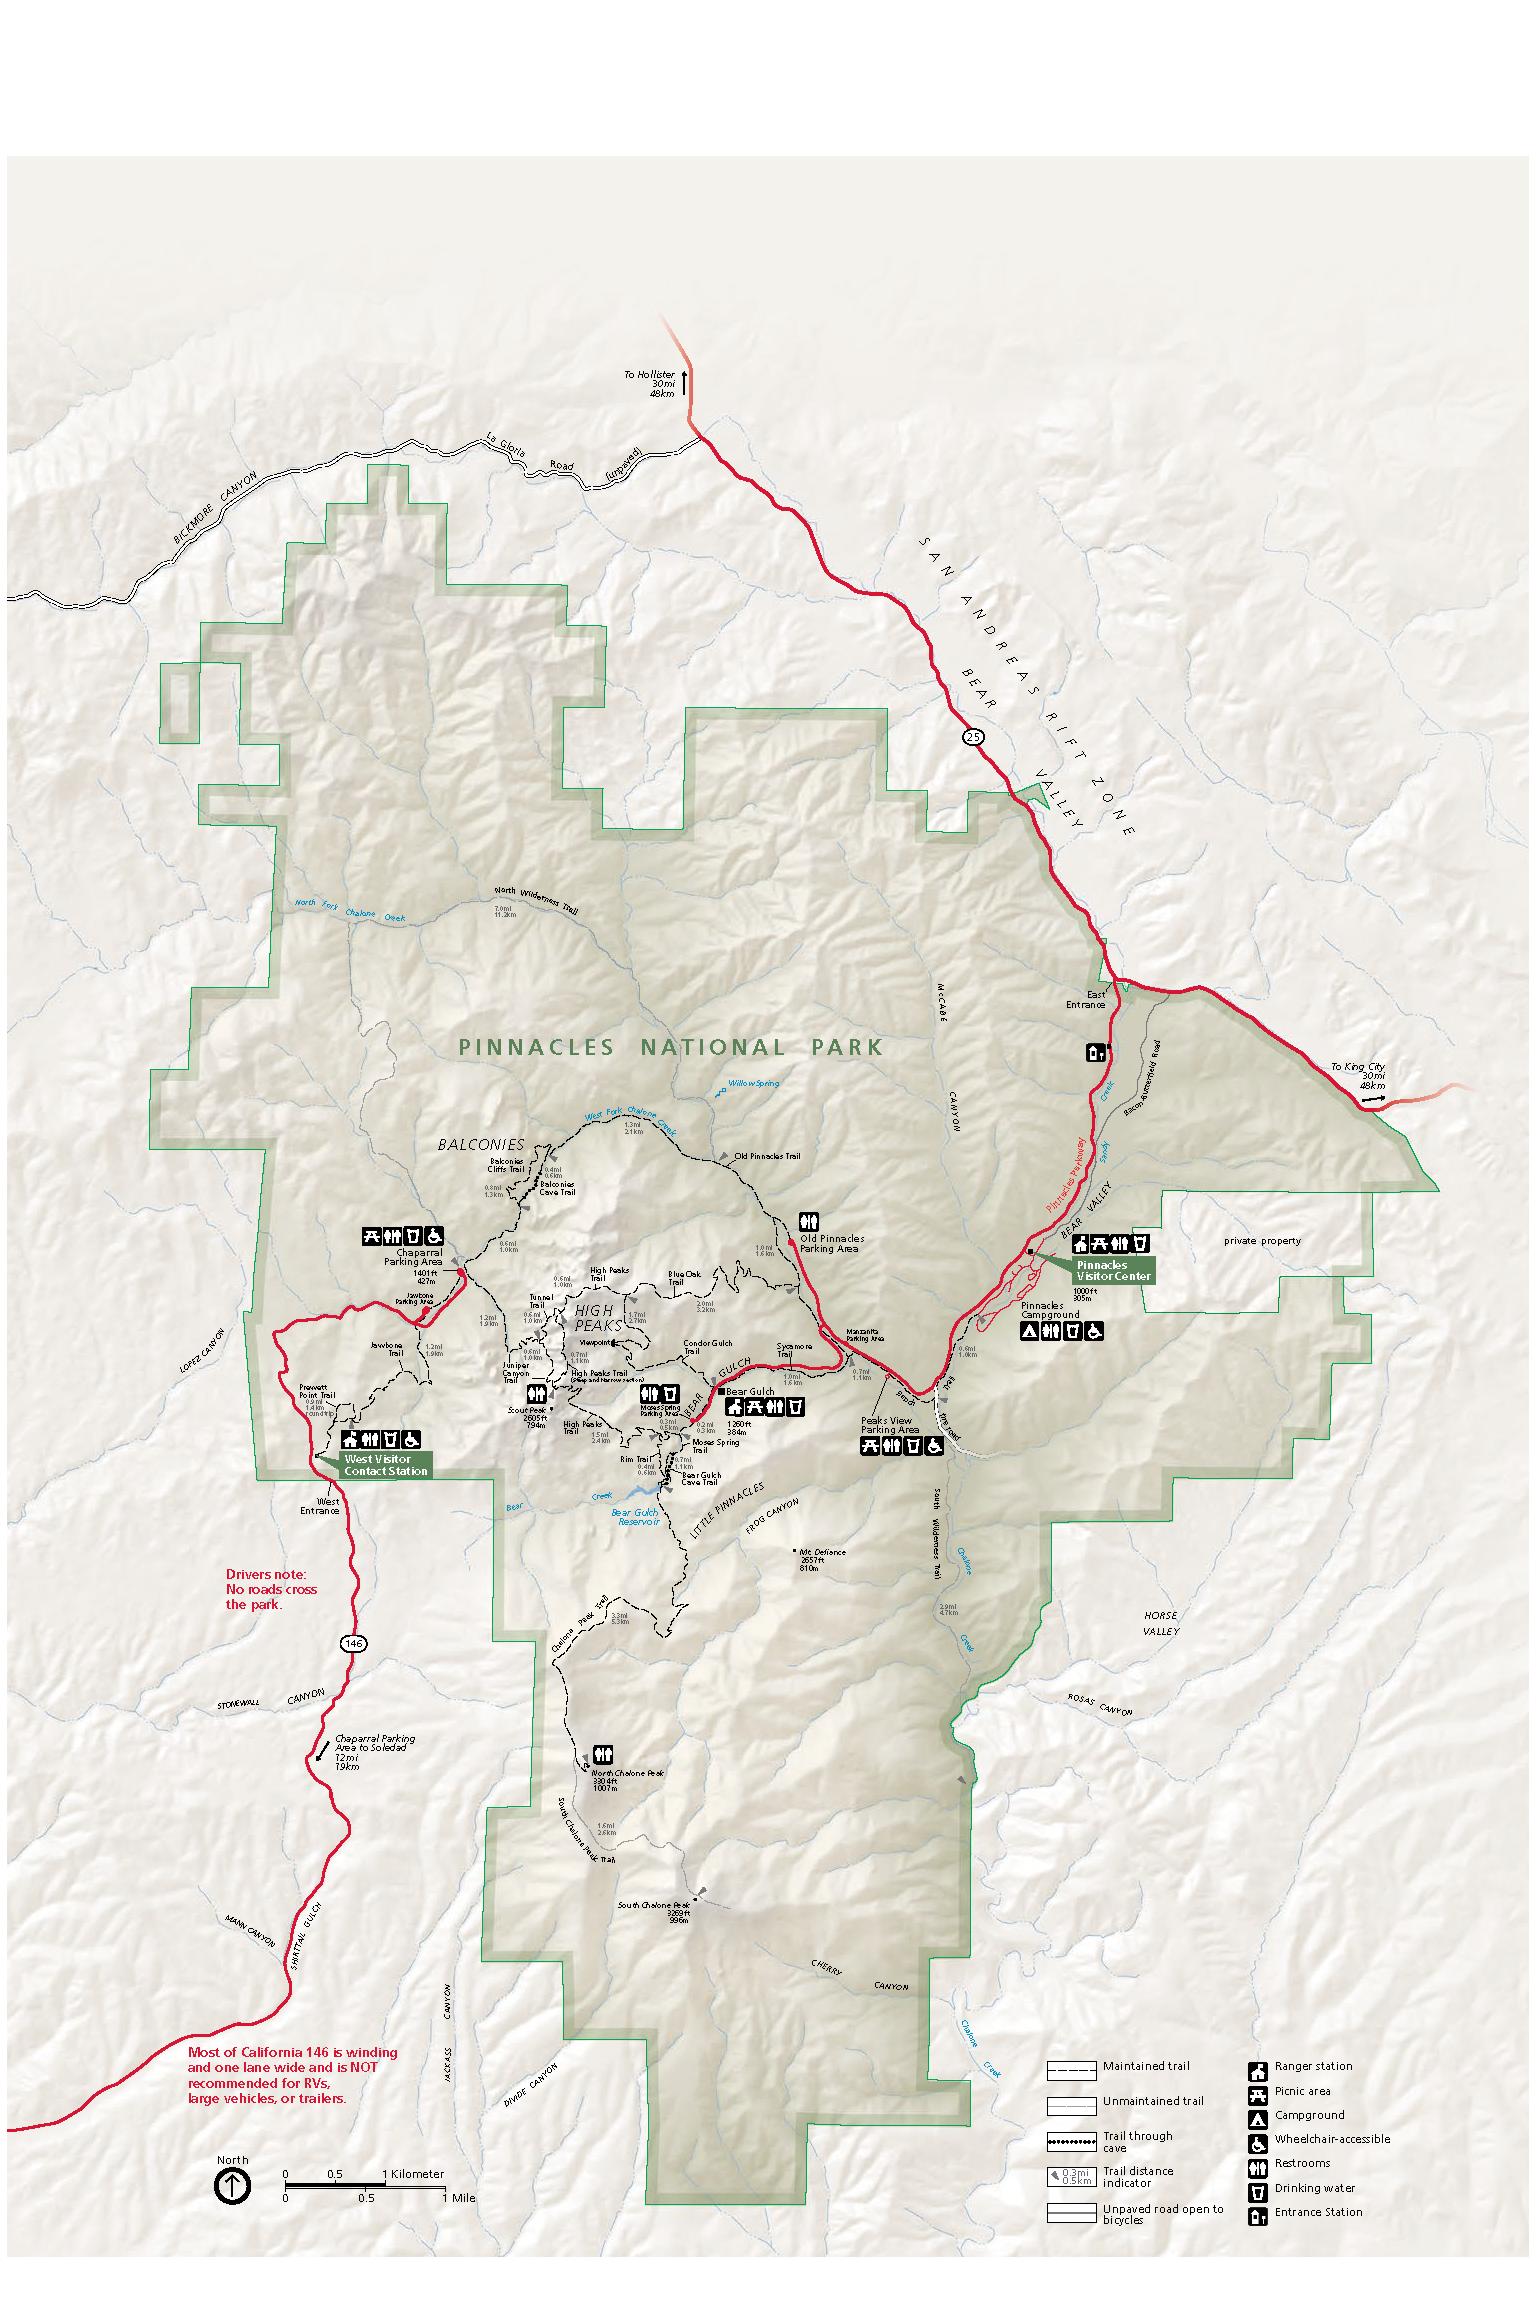 Pinnacles National Park Map - Pinnacles National Park Map